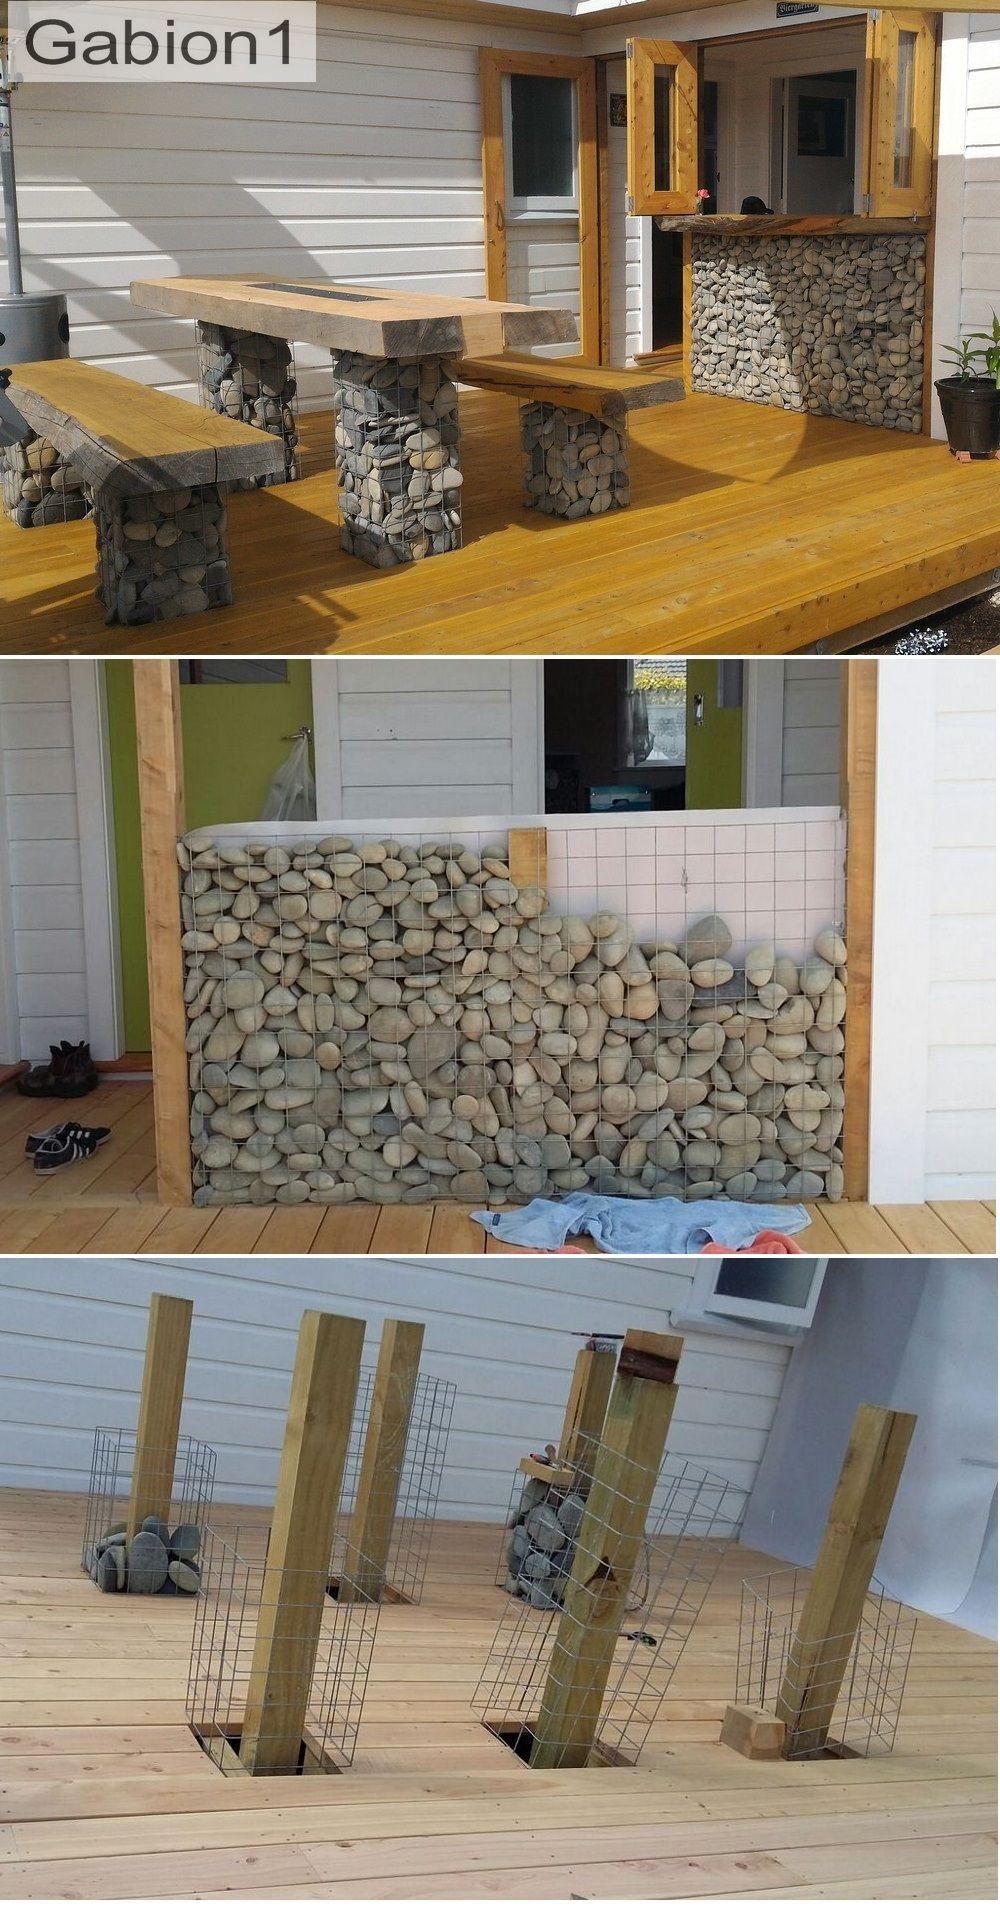 Gabion Bar And Table Gabion Wall Diy Backyard Gabion Baskets